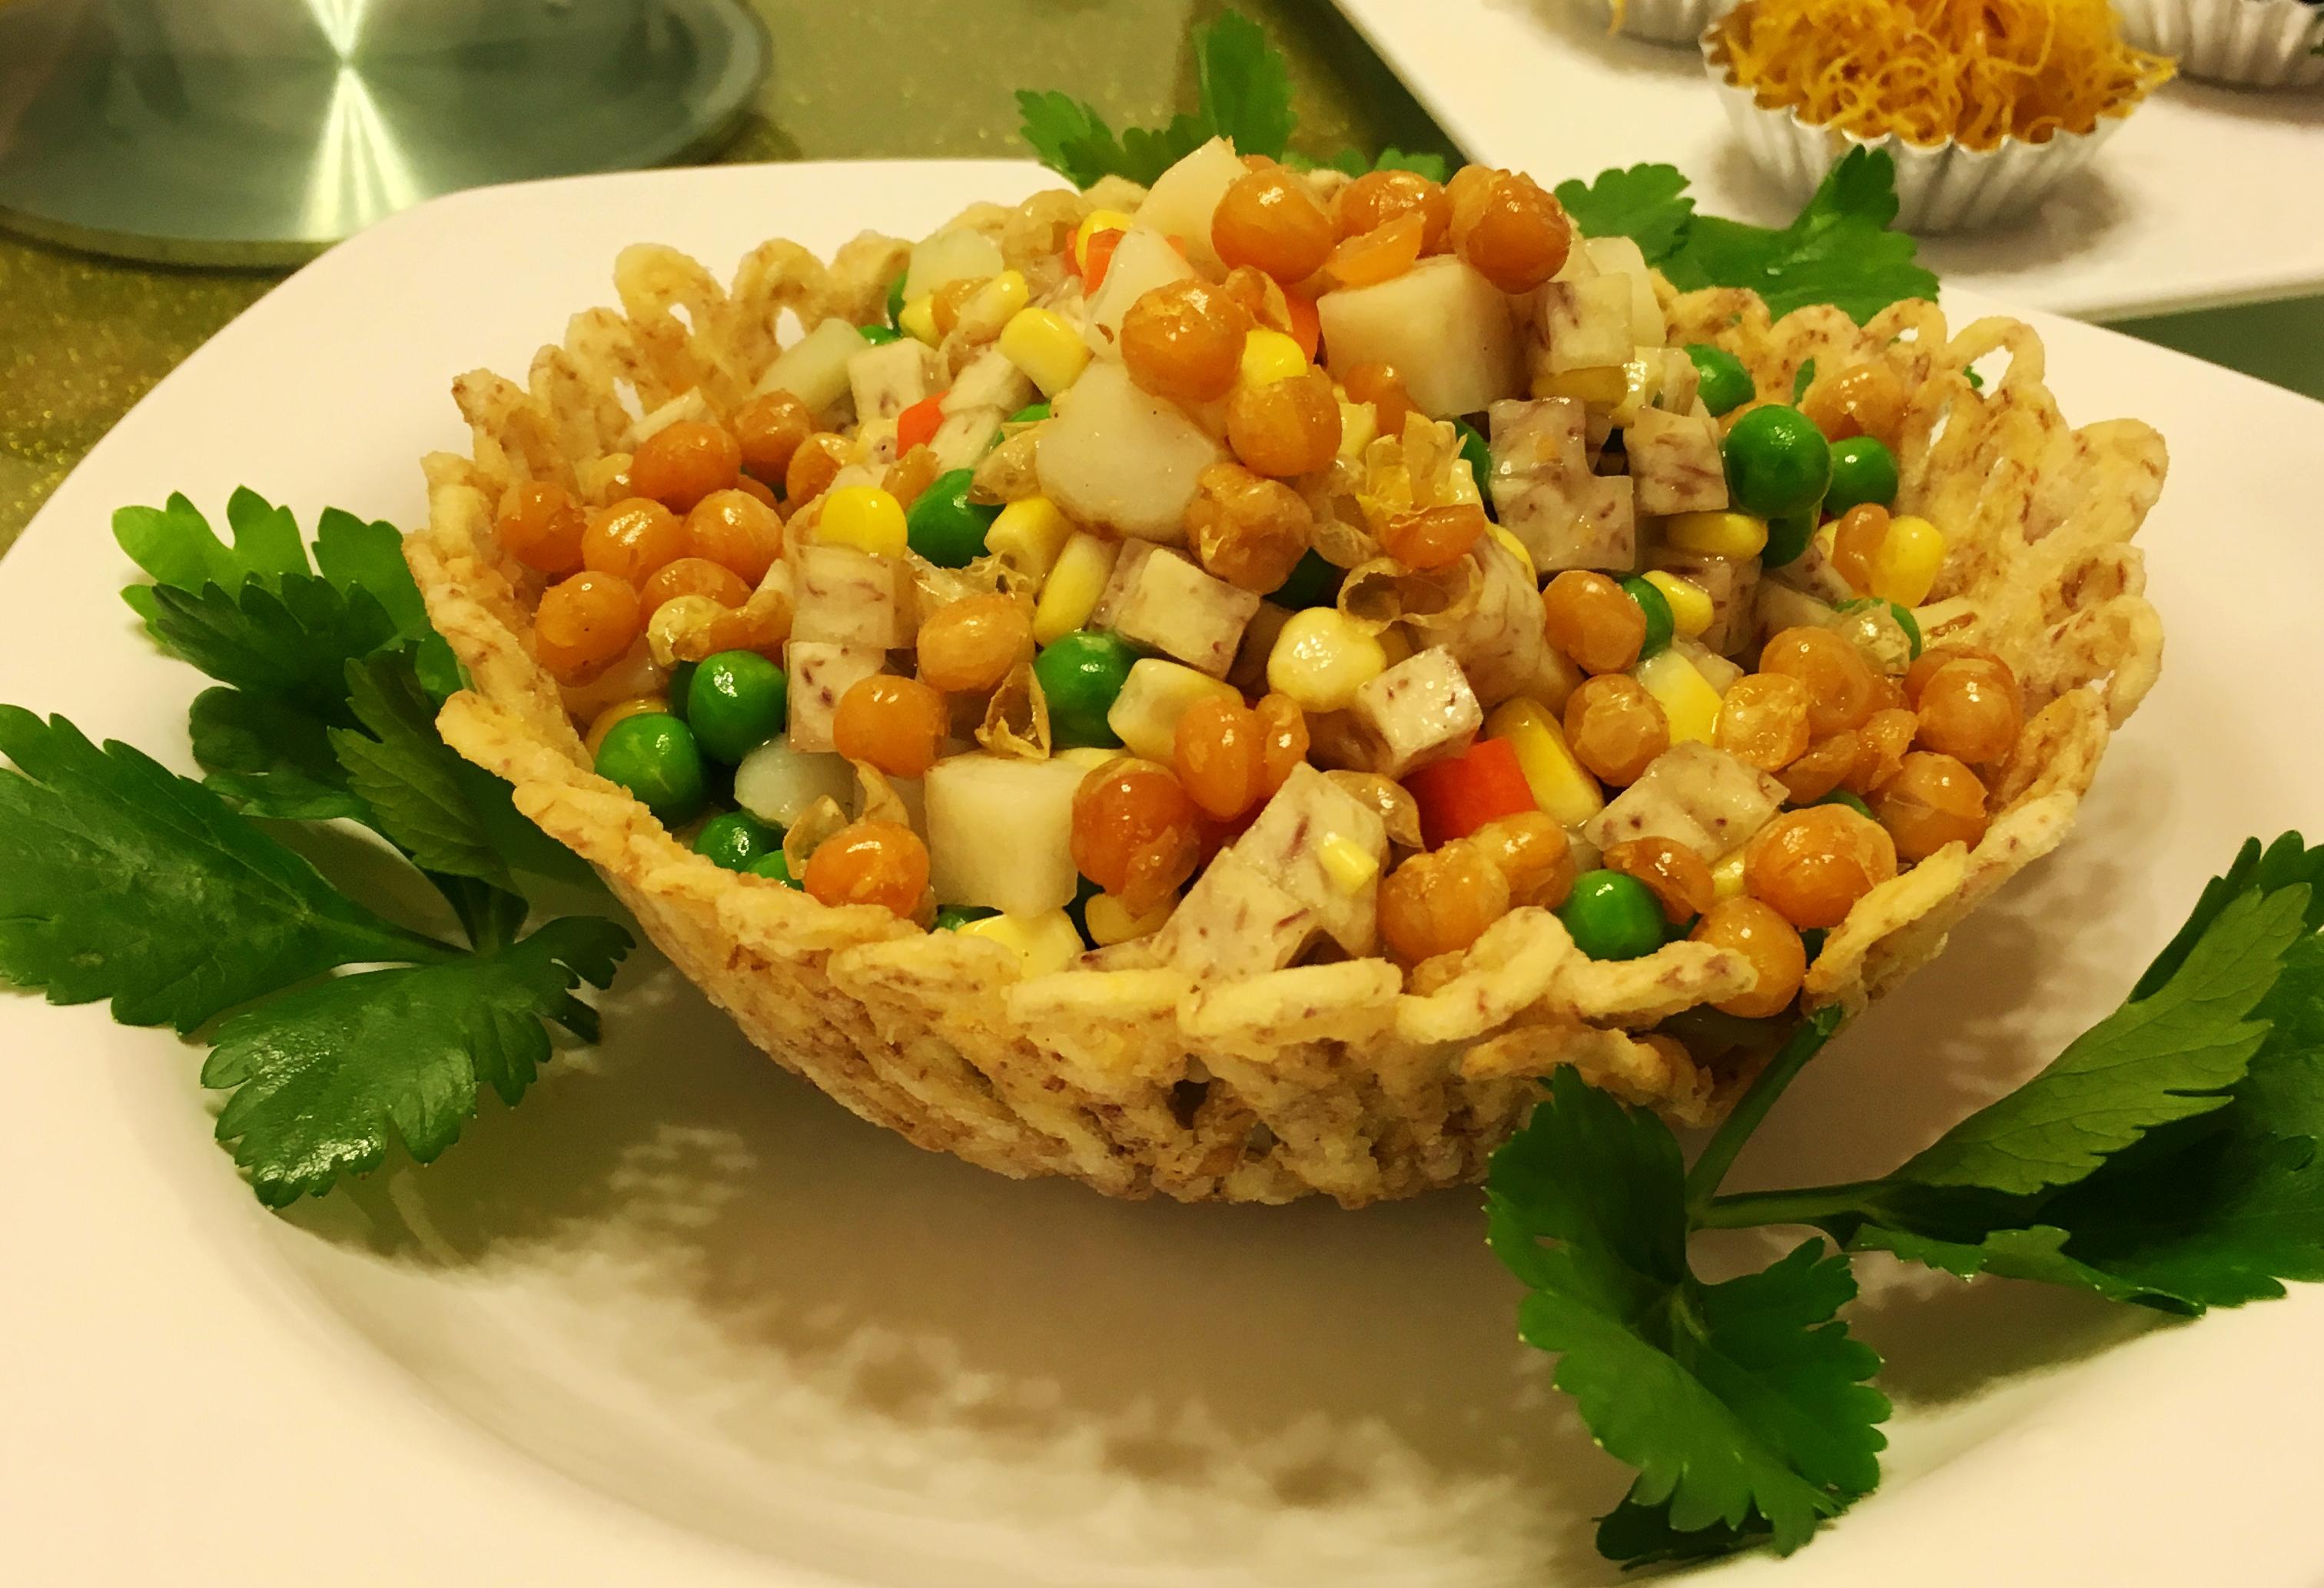 美味素食:五色素餐,对付夏季便秘上火(2)——广州素食学校